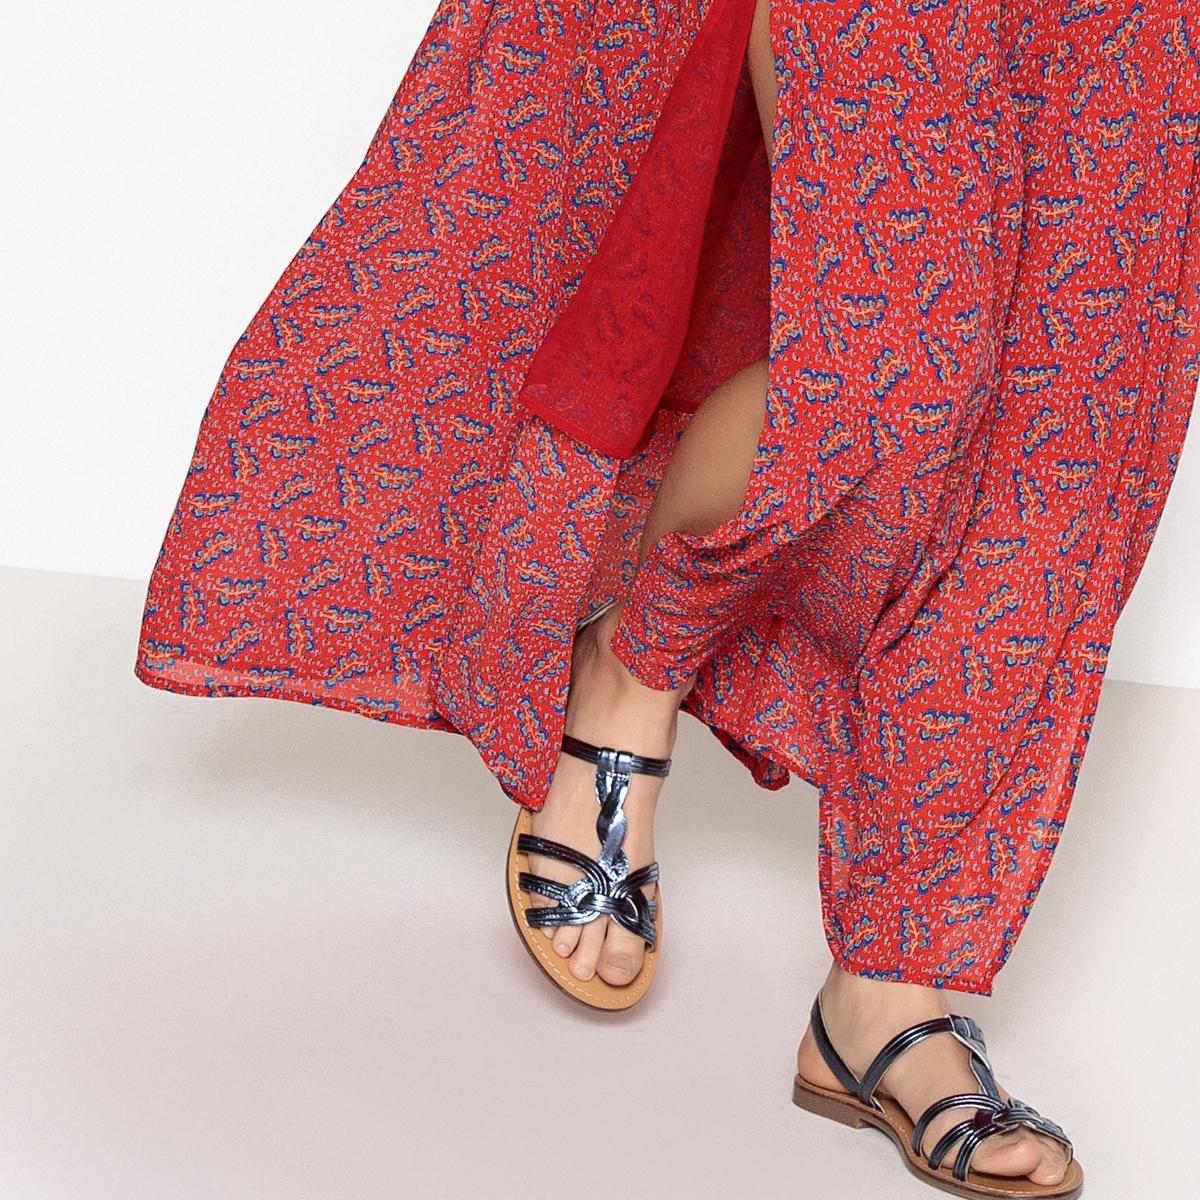 Sandalias de piel metalizada con correa trenzada